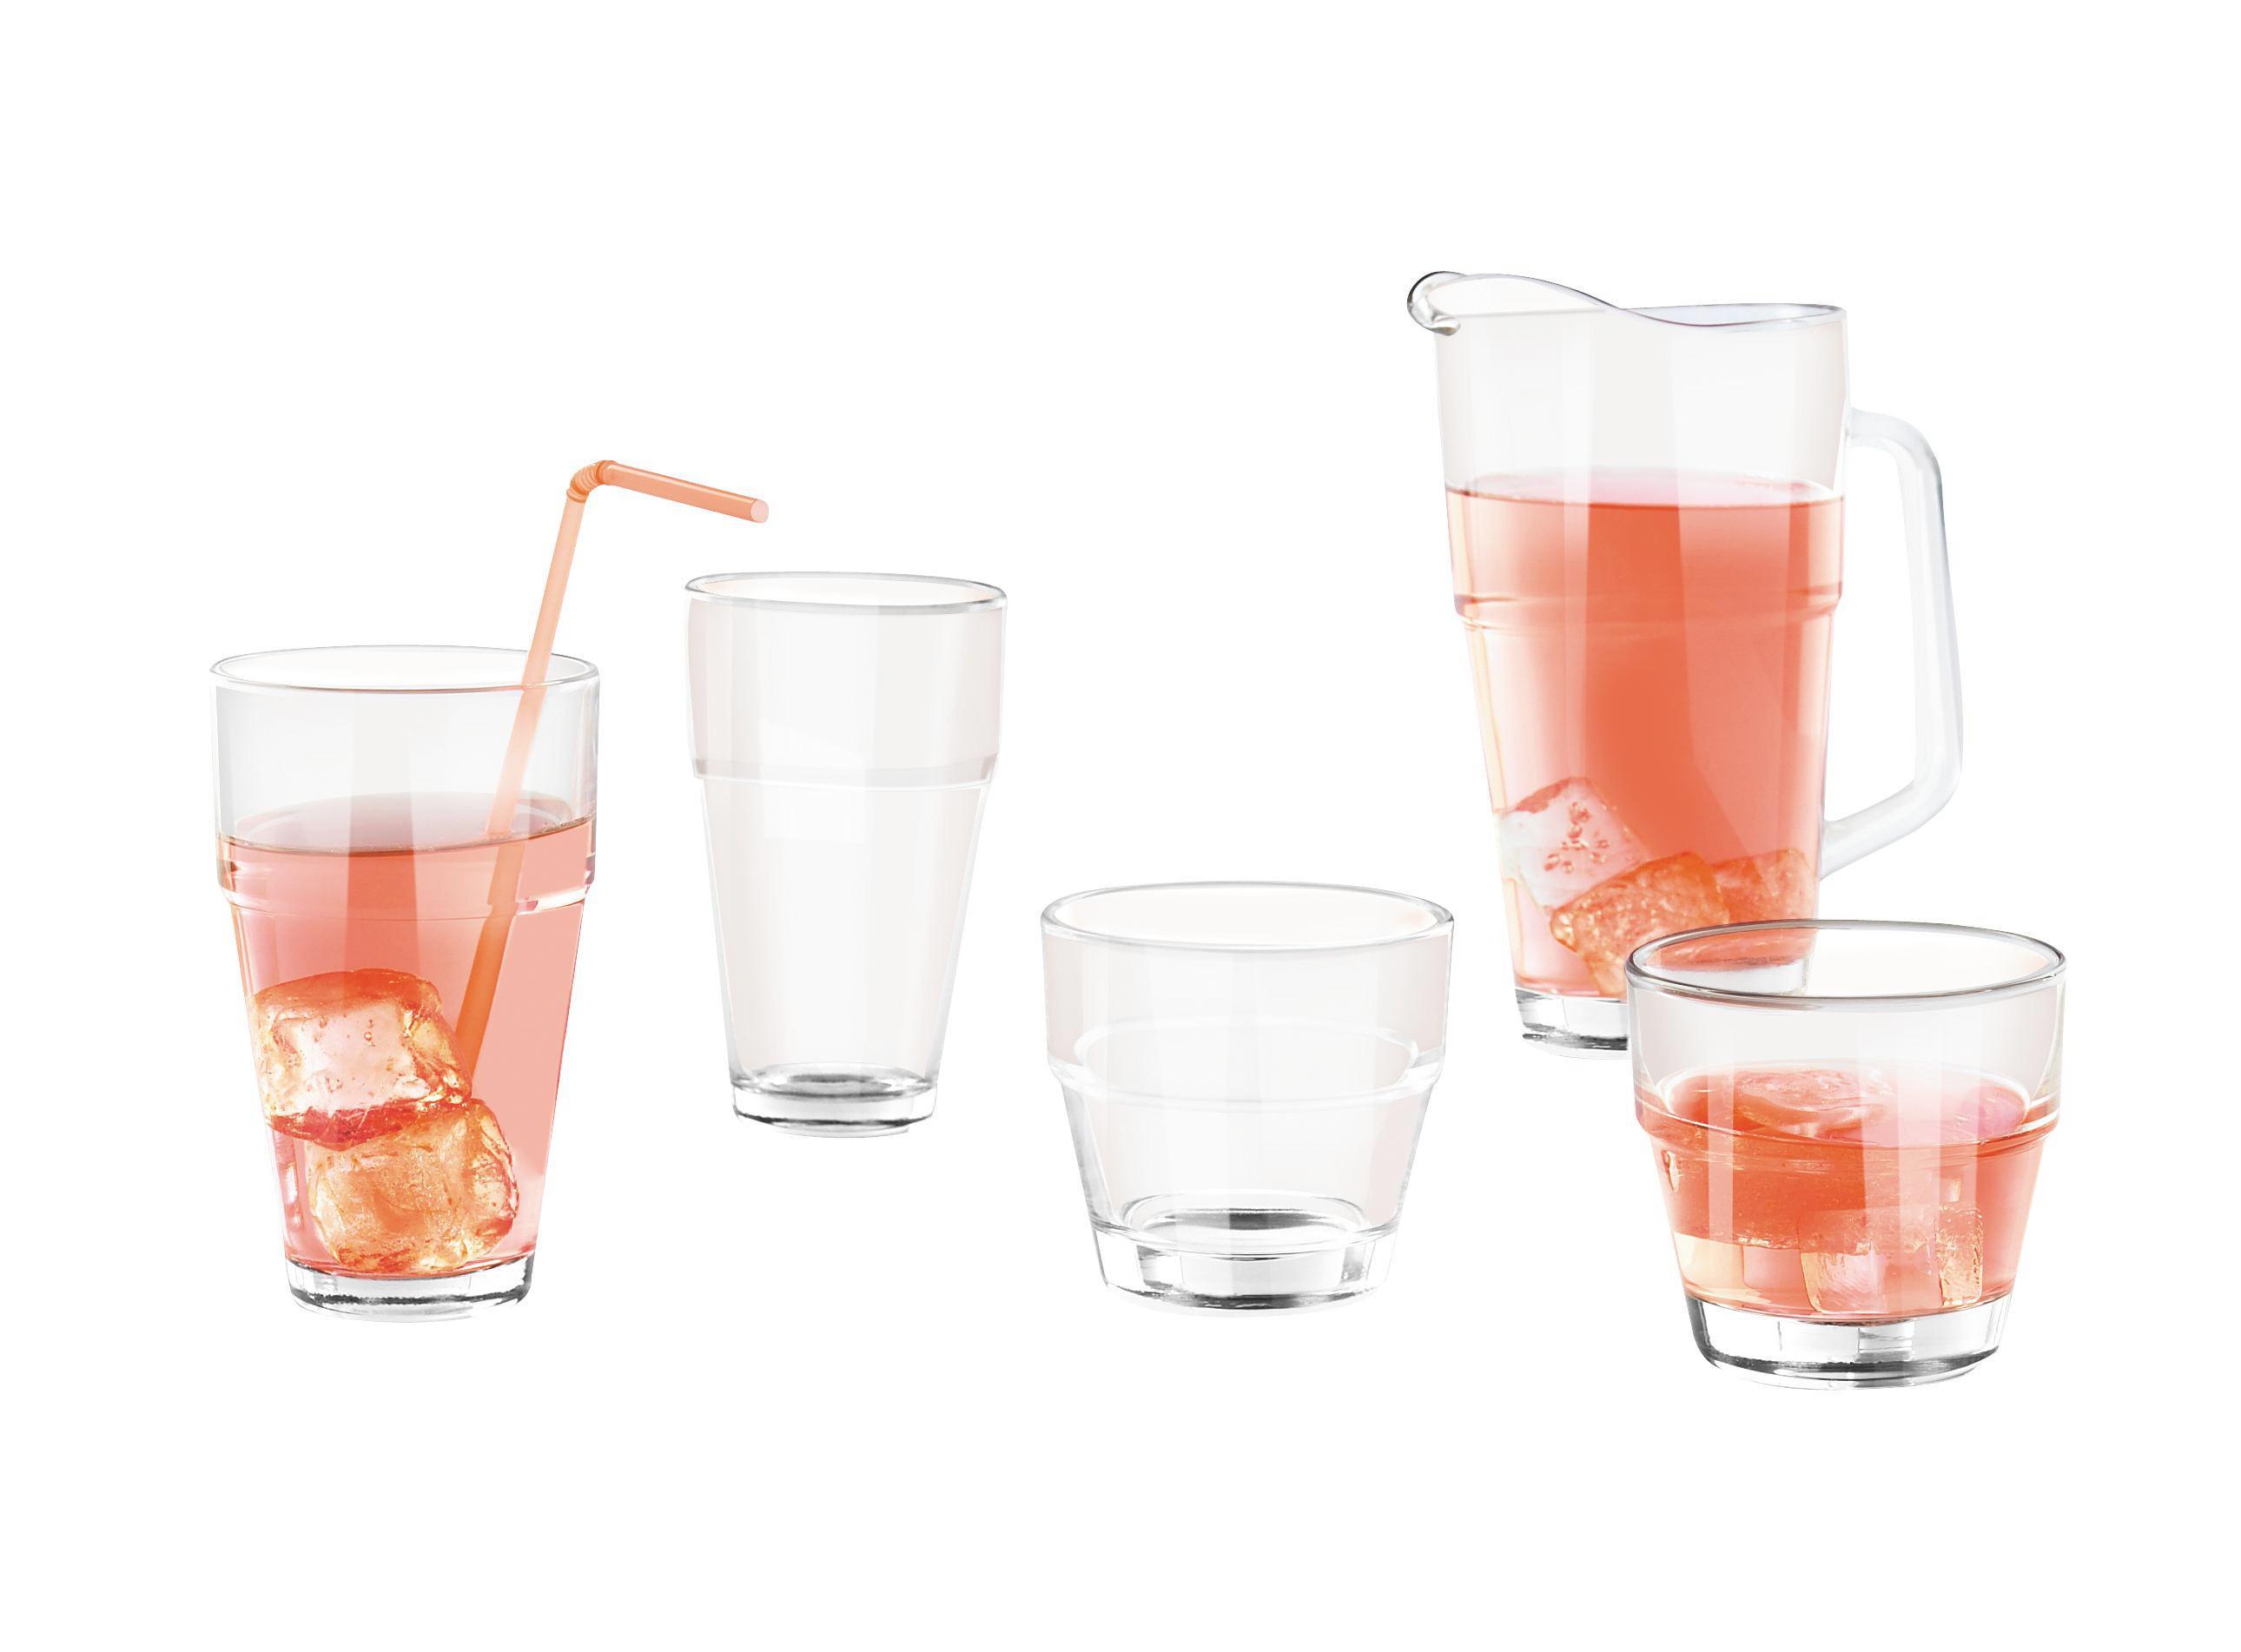 Glaskrug Sabina aus Glas, ca. 1,2 L - Klar, KONVENTIONELL, Glas (12/23cm) - MÖMAX modern living